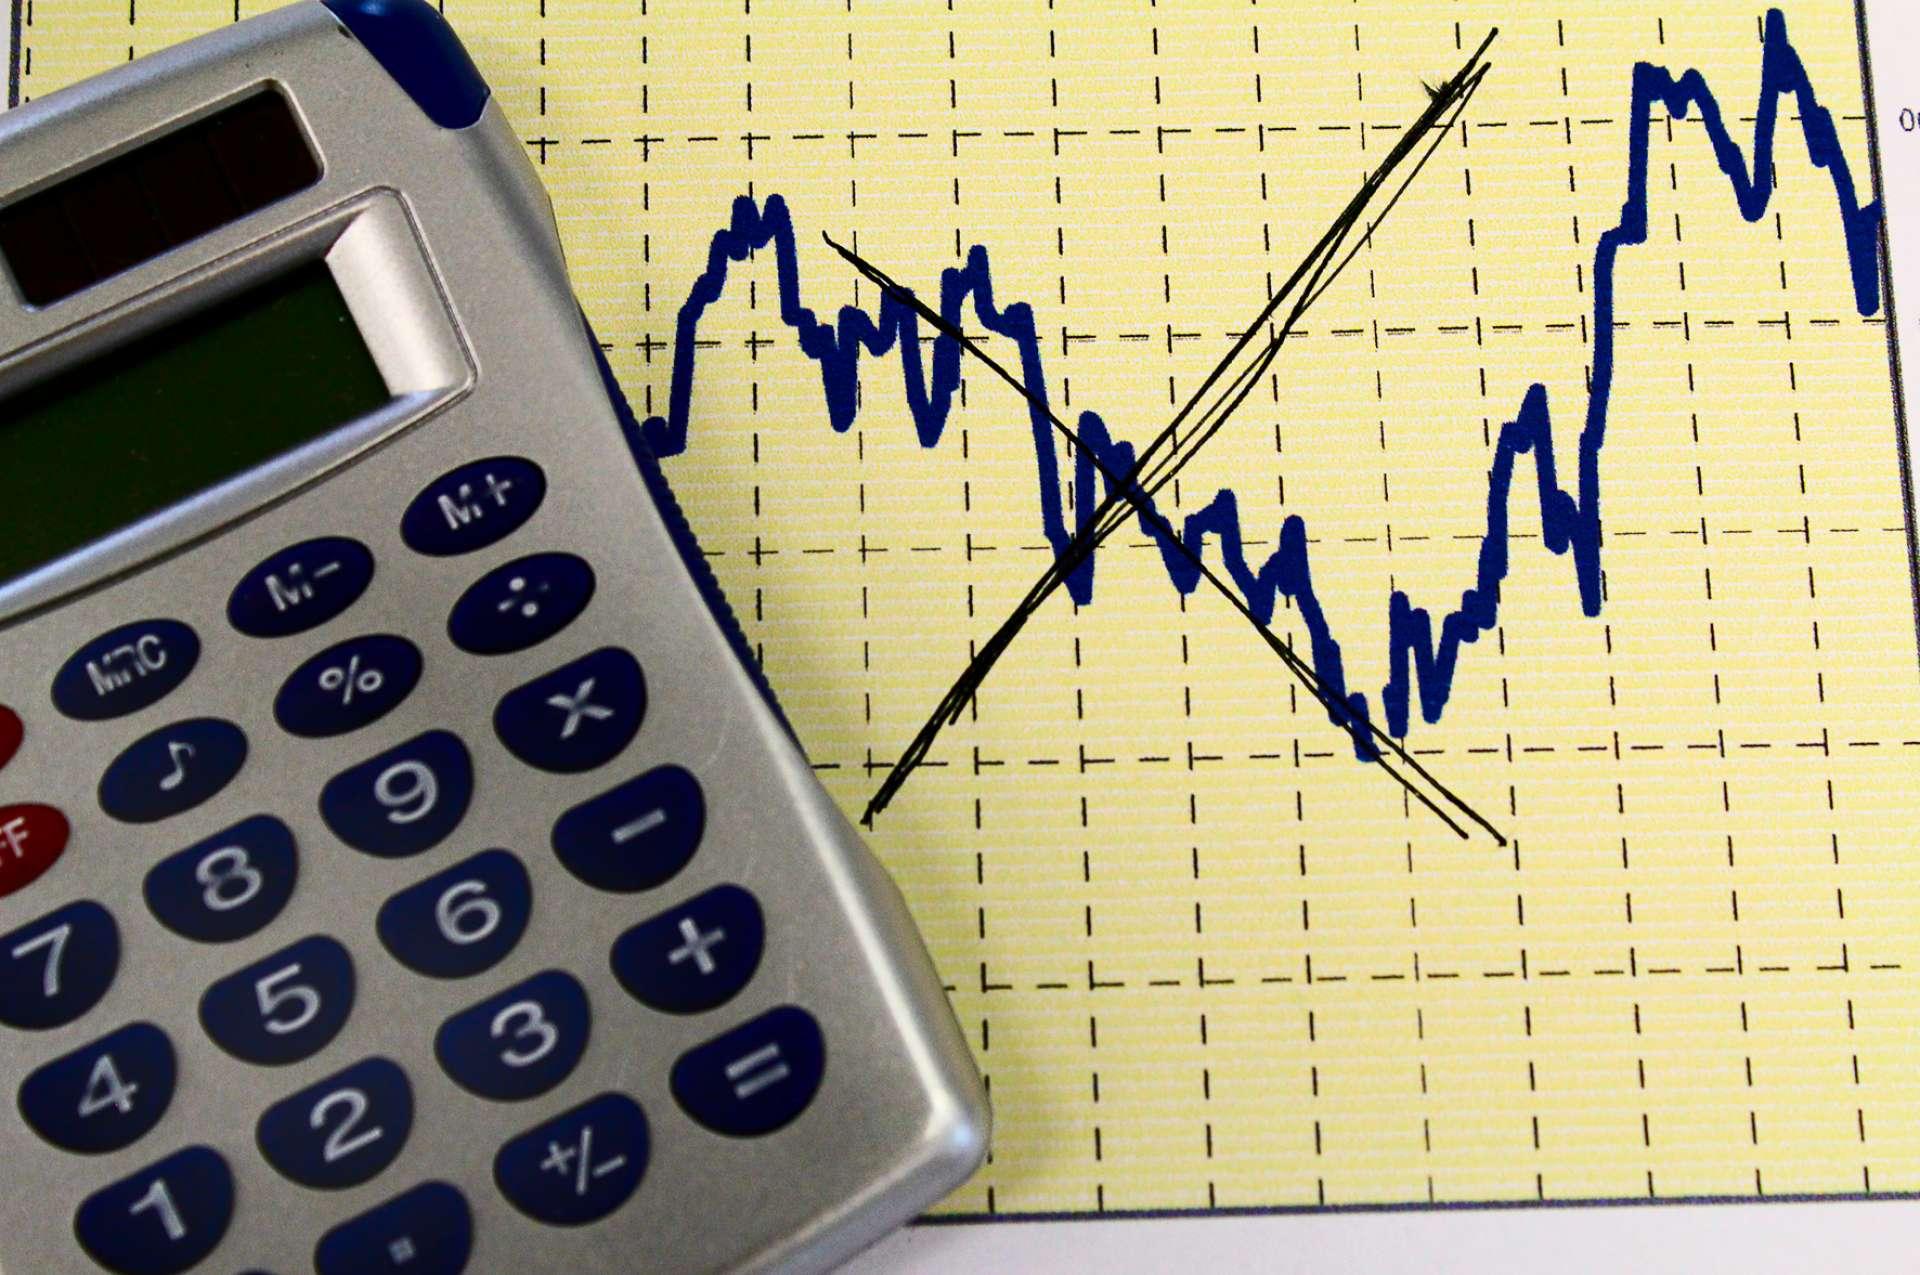 Copom mantém juros em 14,25% ao ano pela quinta vez seguida